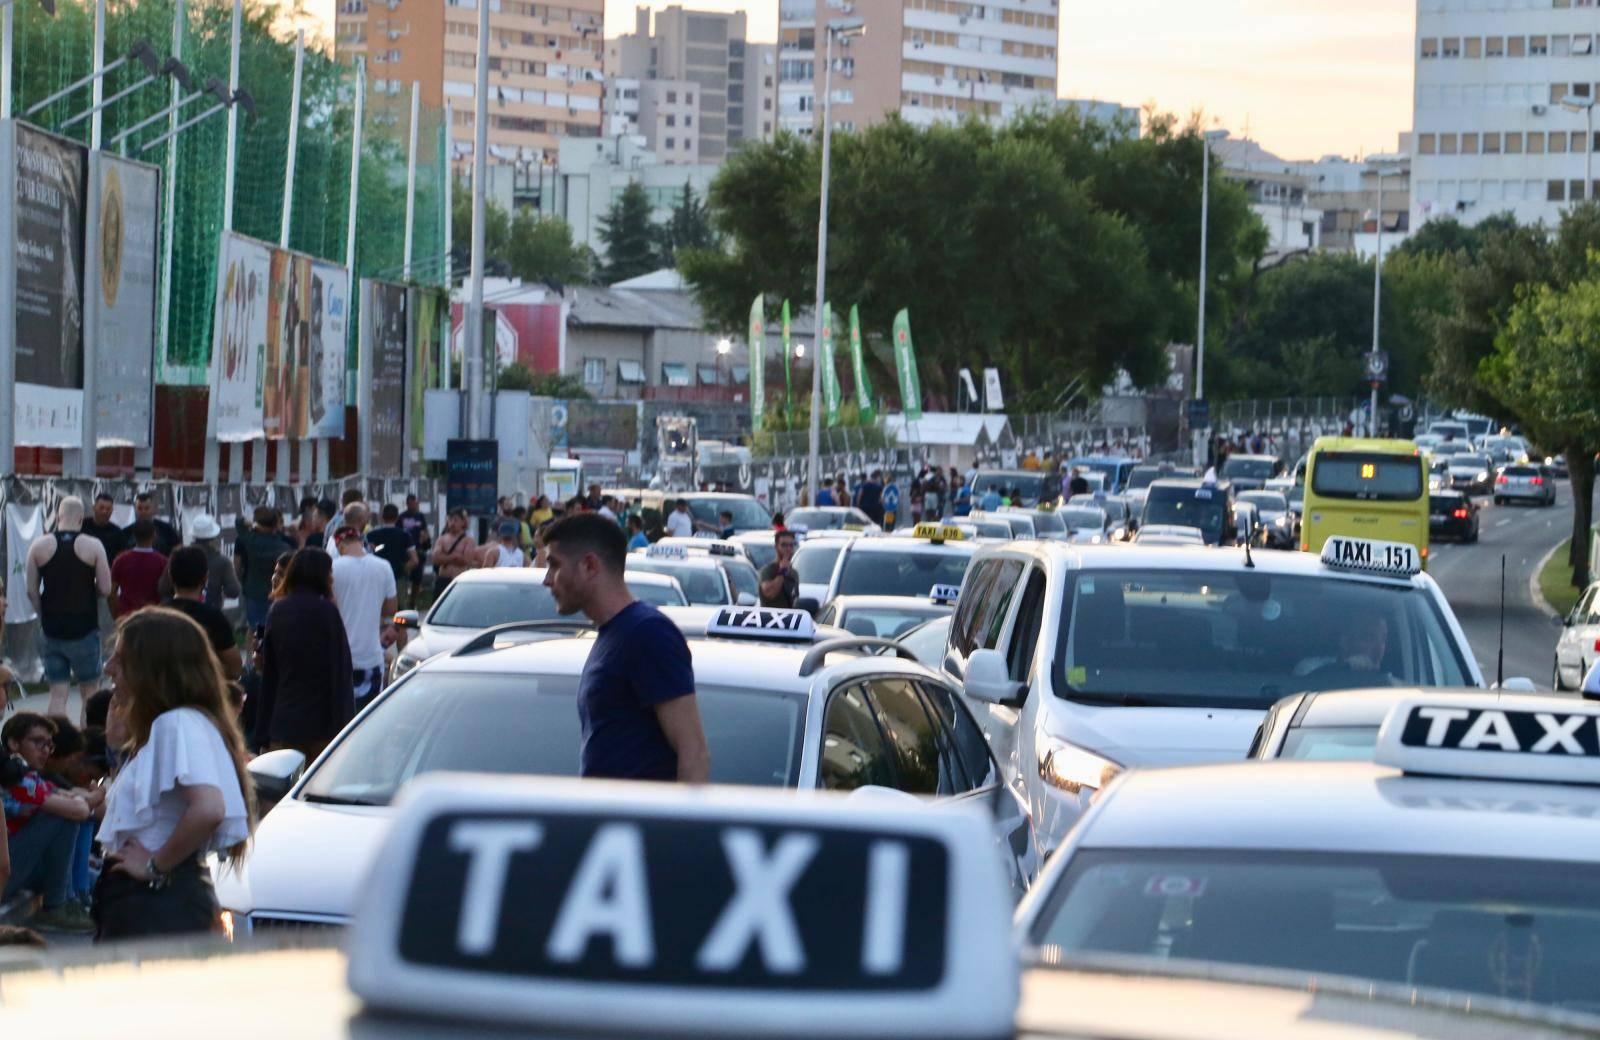 Split: Jutro nakon prve večeri Ultra Europe festivala djelatnici čistoće i taksisti imaju pune ruke posla